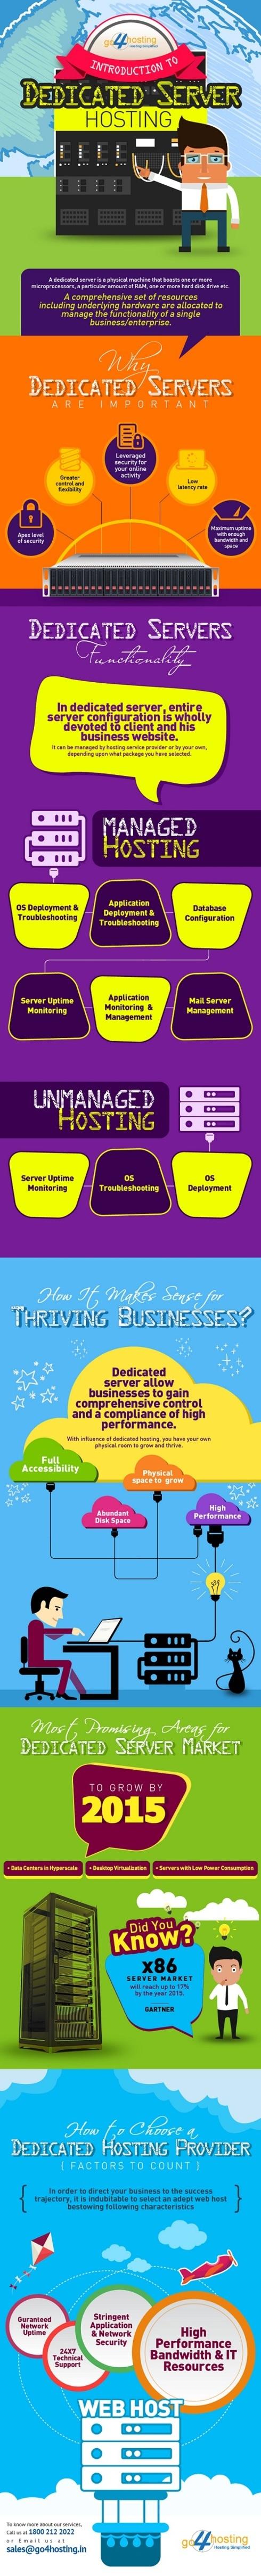 Go4Hosting's infographic via Go4Hosting